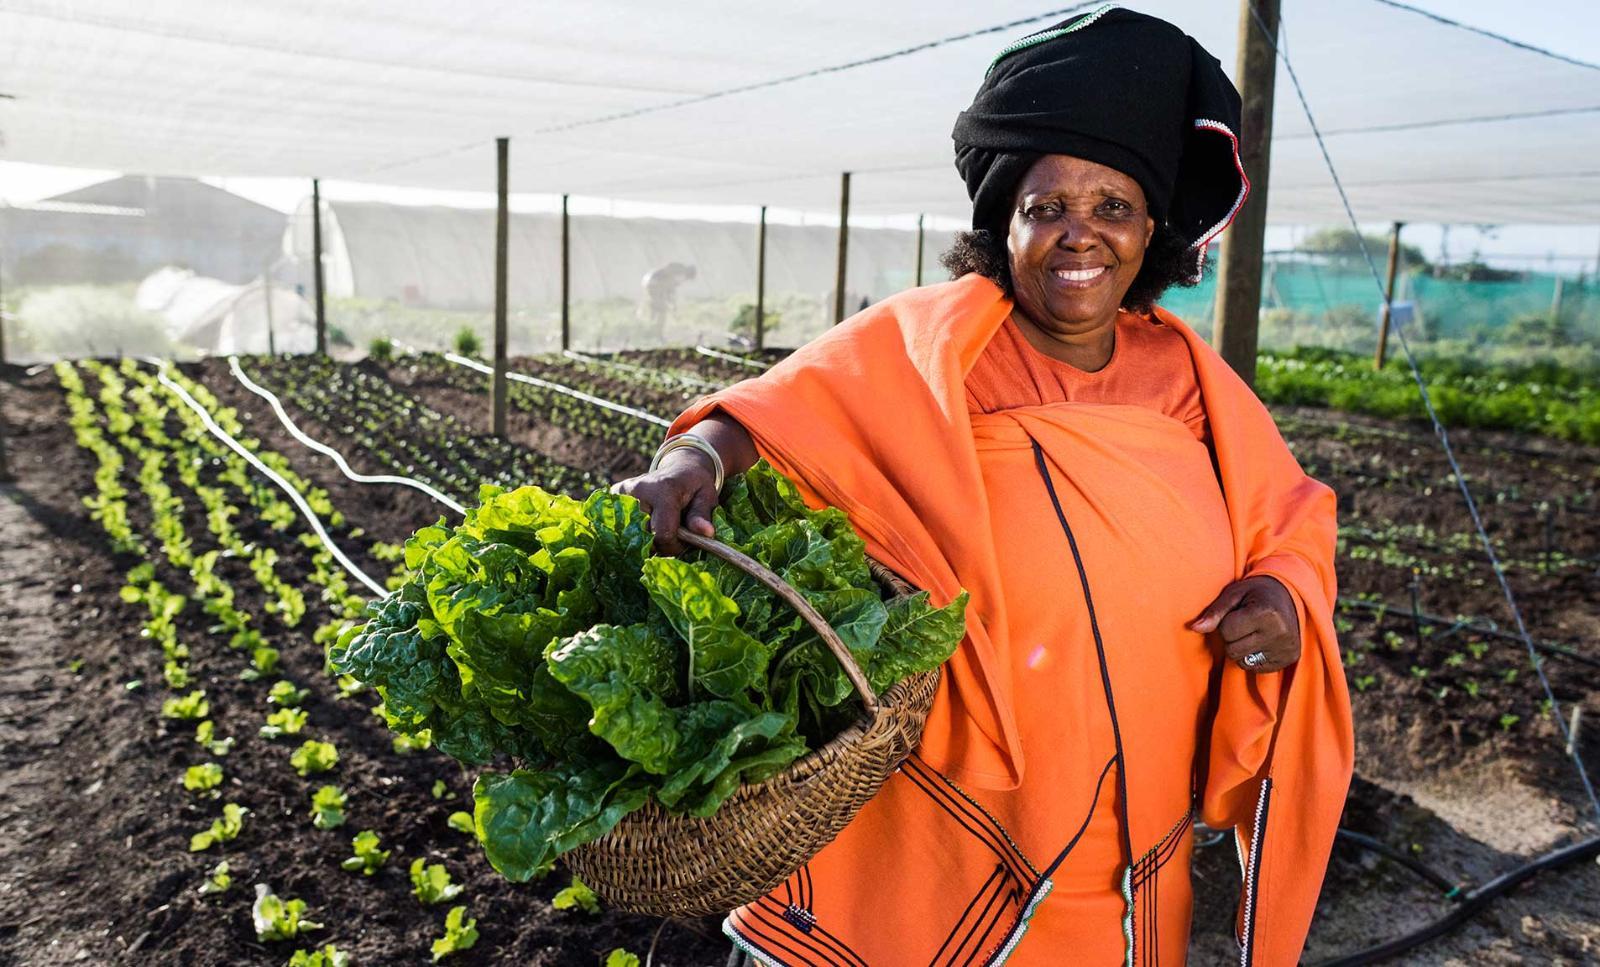 Les Africaines sont les premières en matière d'entrepreneuriat féminin